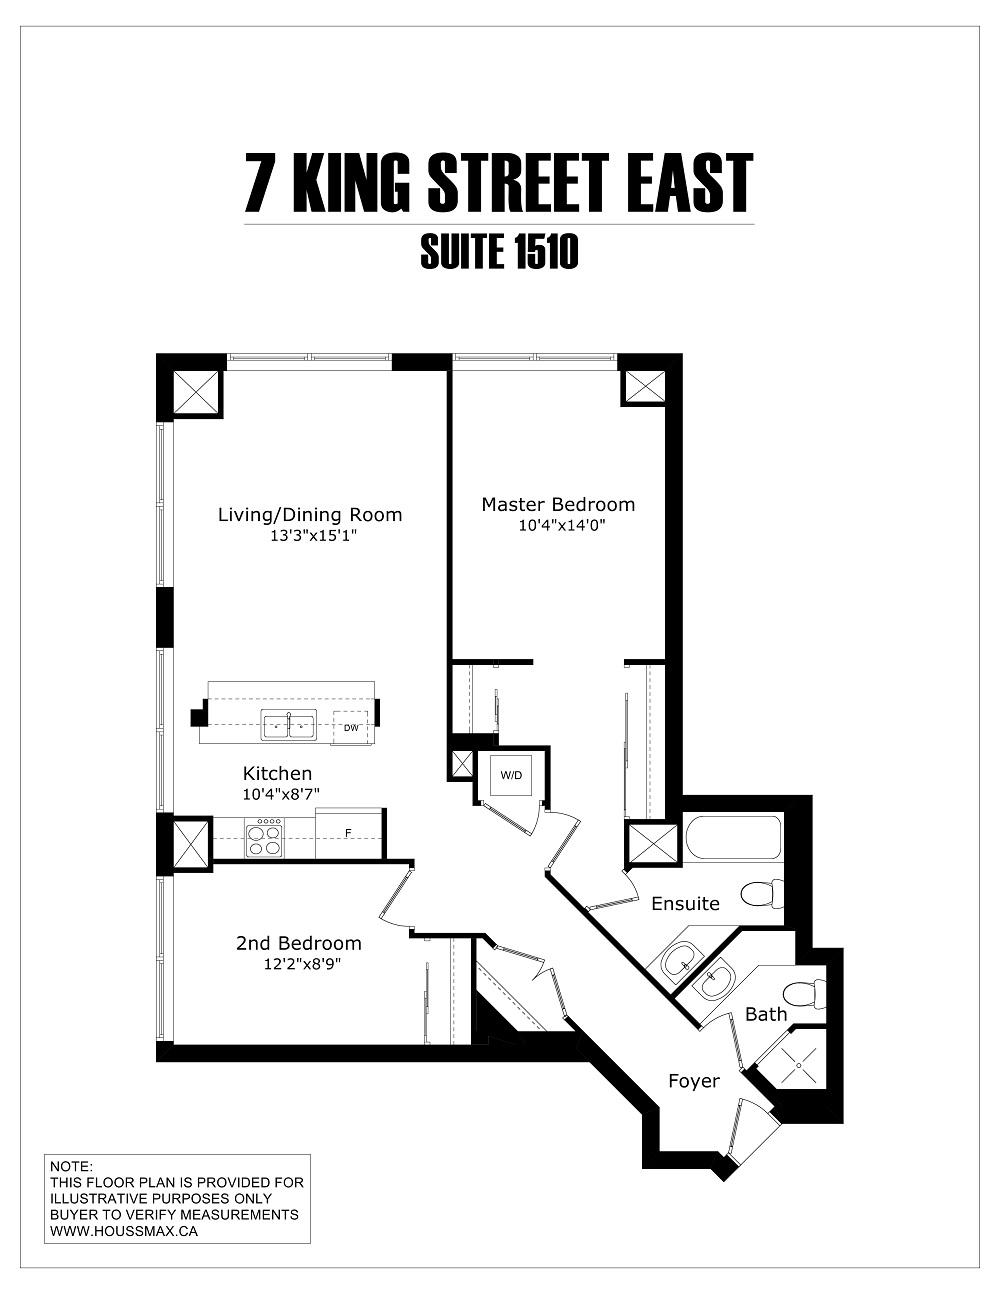 Floor plans for 7 King Street East.